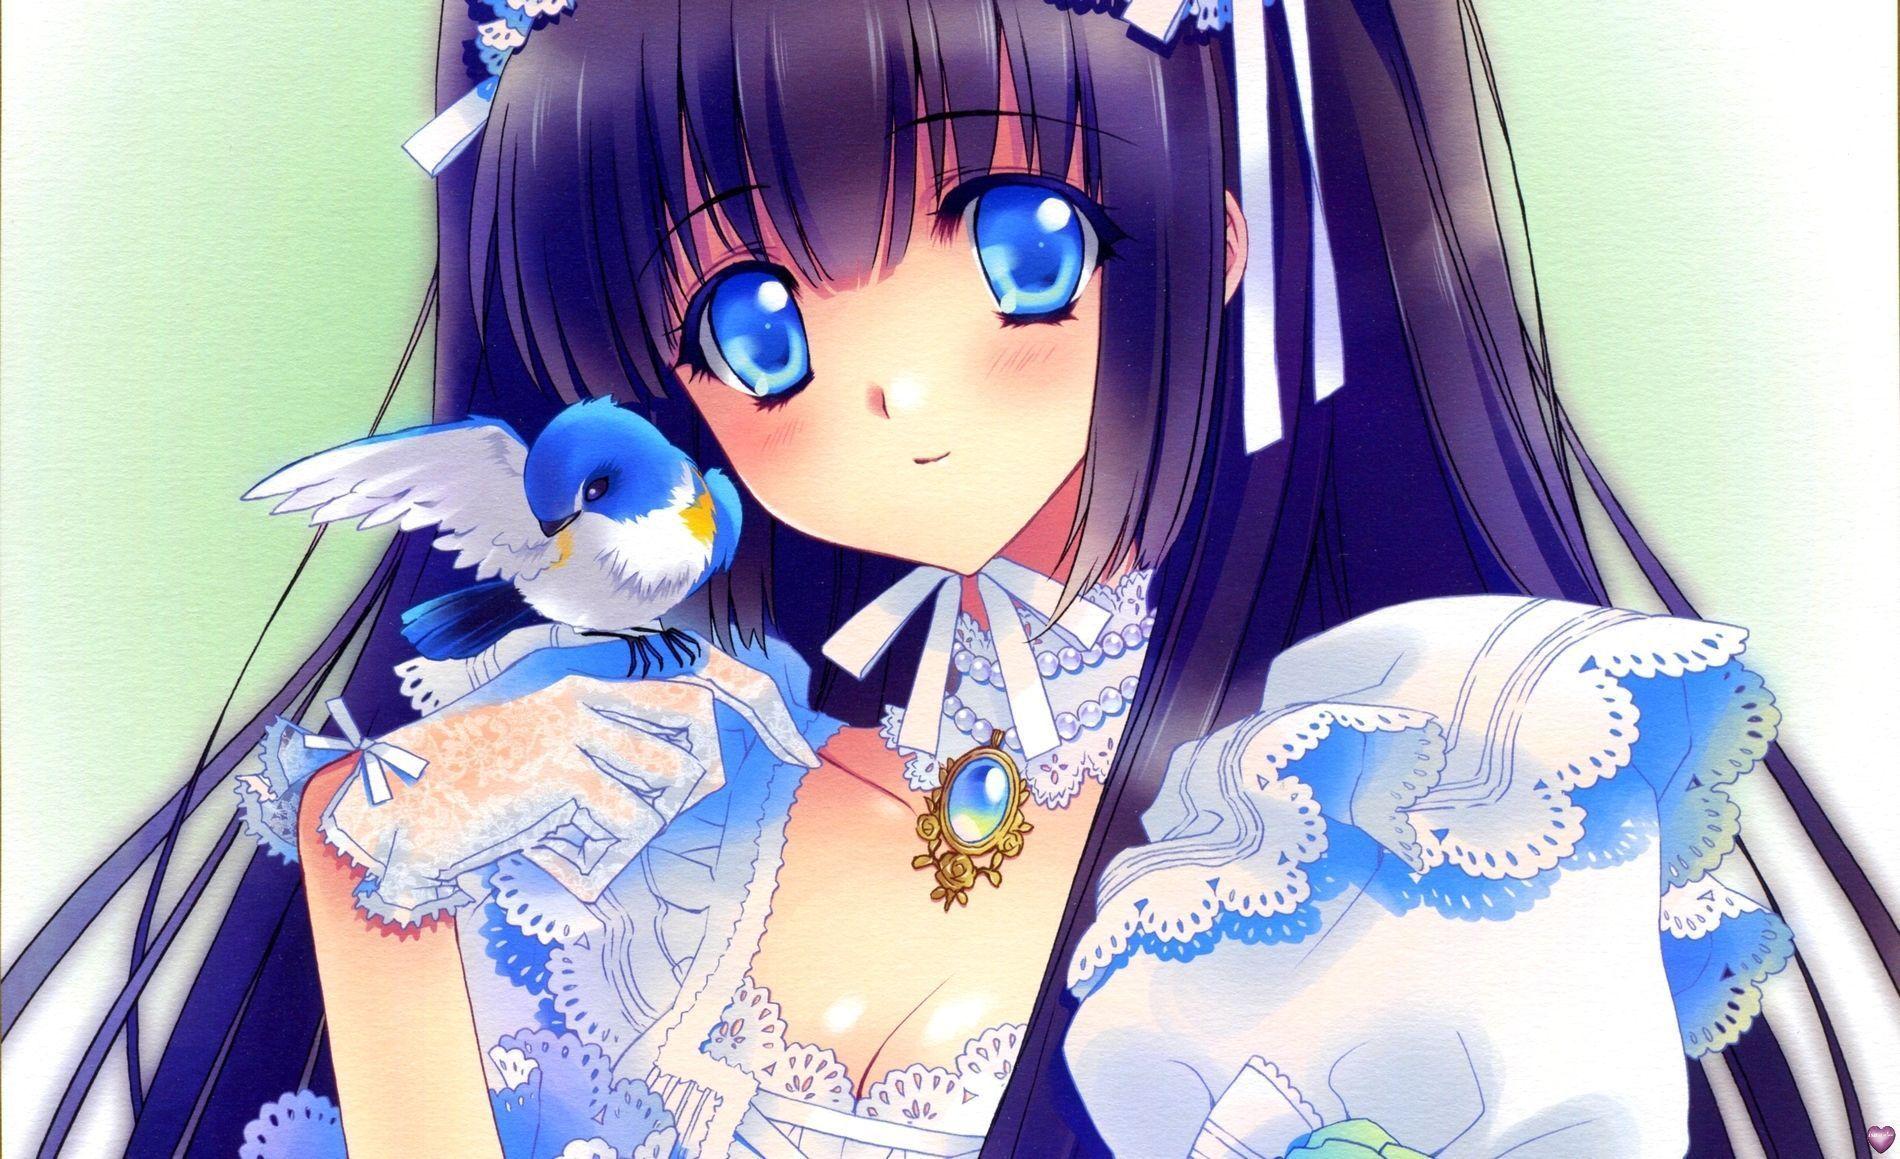 Manga et autre animaux - Image manga fille ...